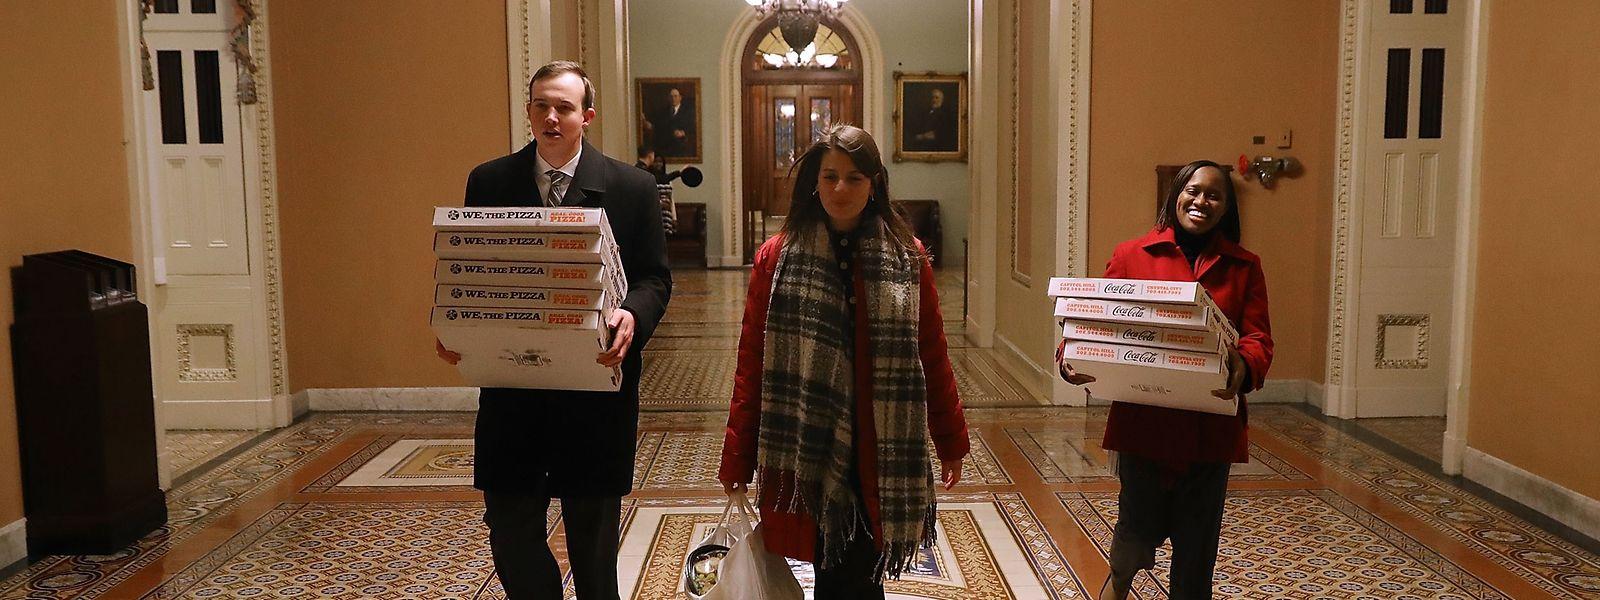 Lange Nacht voraus: die Büros der republikanischen Senatoren Rand Paul und Mitch McConnell erhalten eine Pizzalieferung, um für die späte Abstimmung bei Kräften zu bleiben.